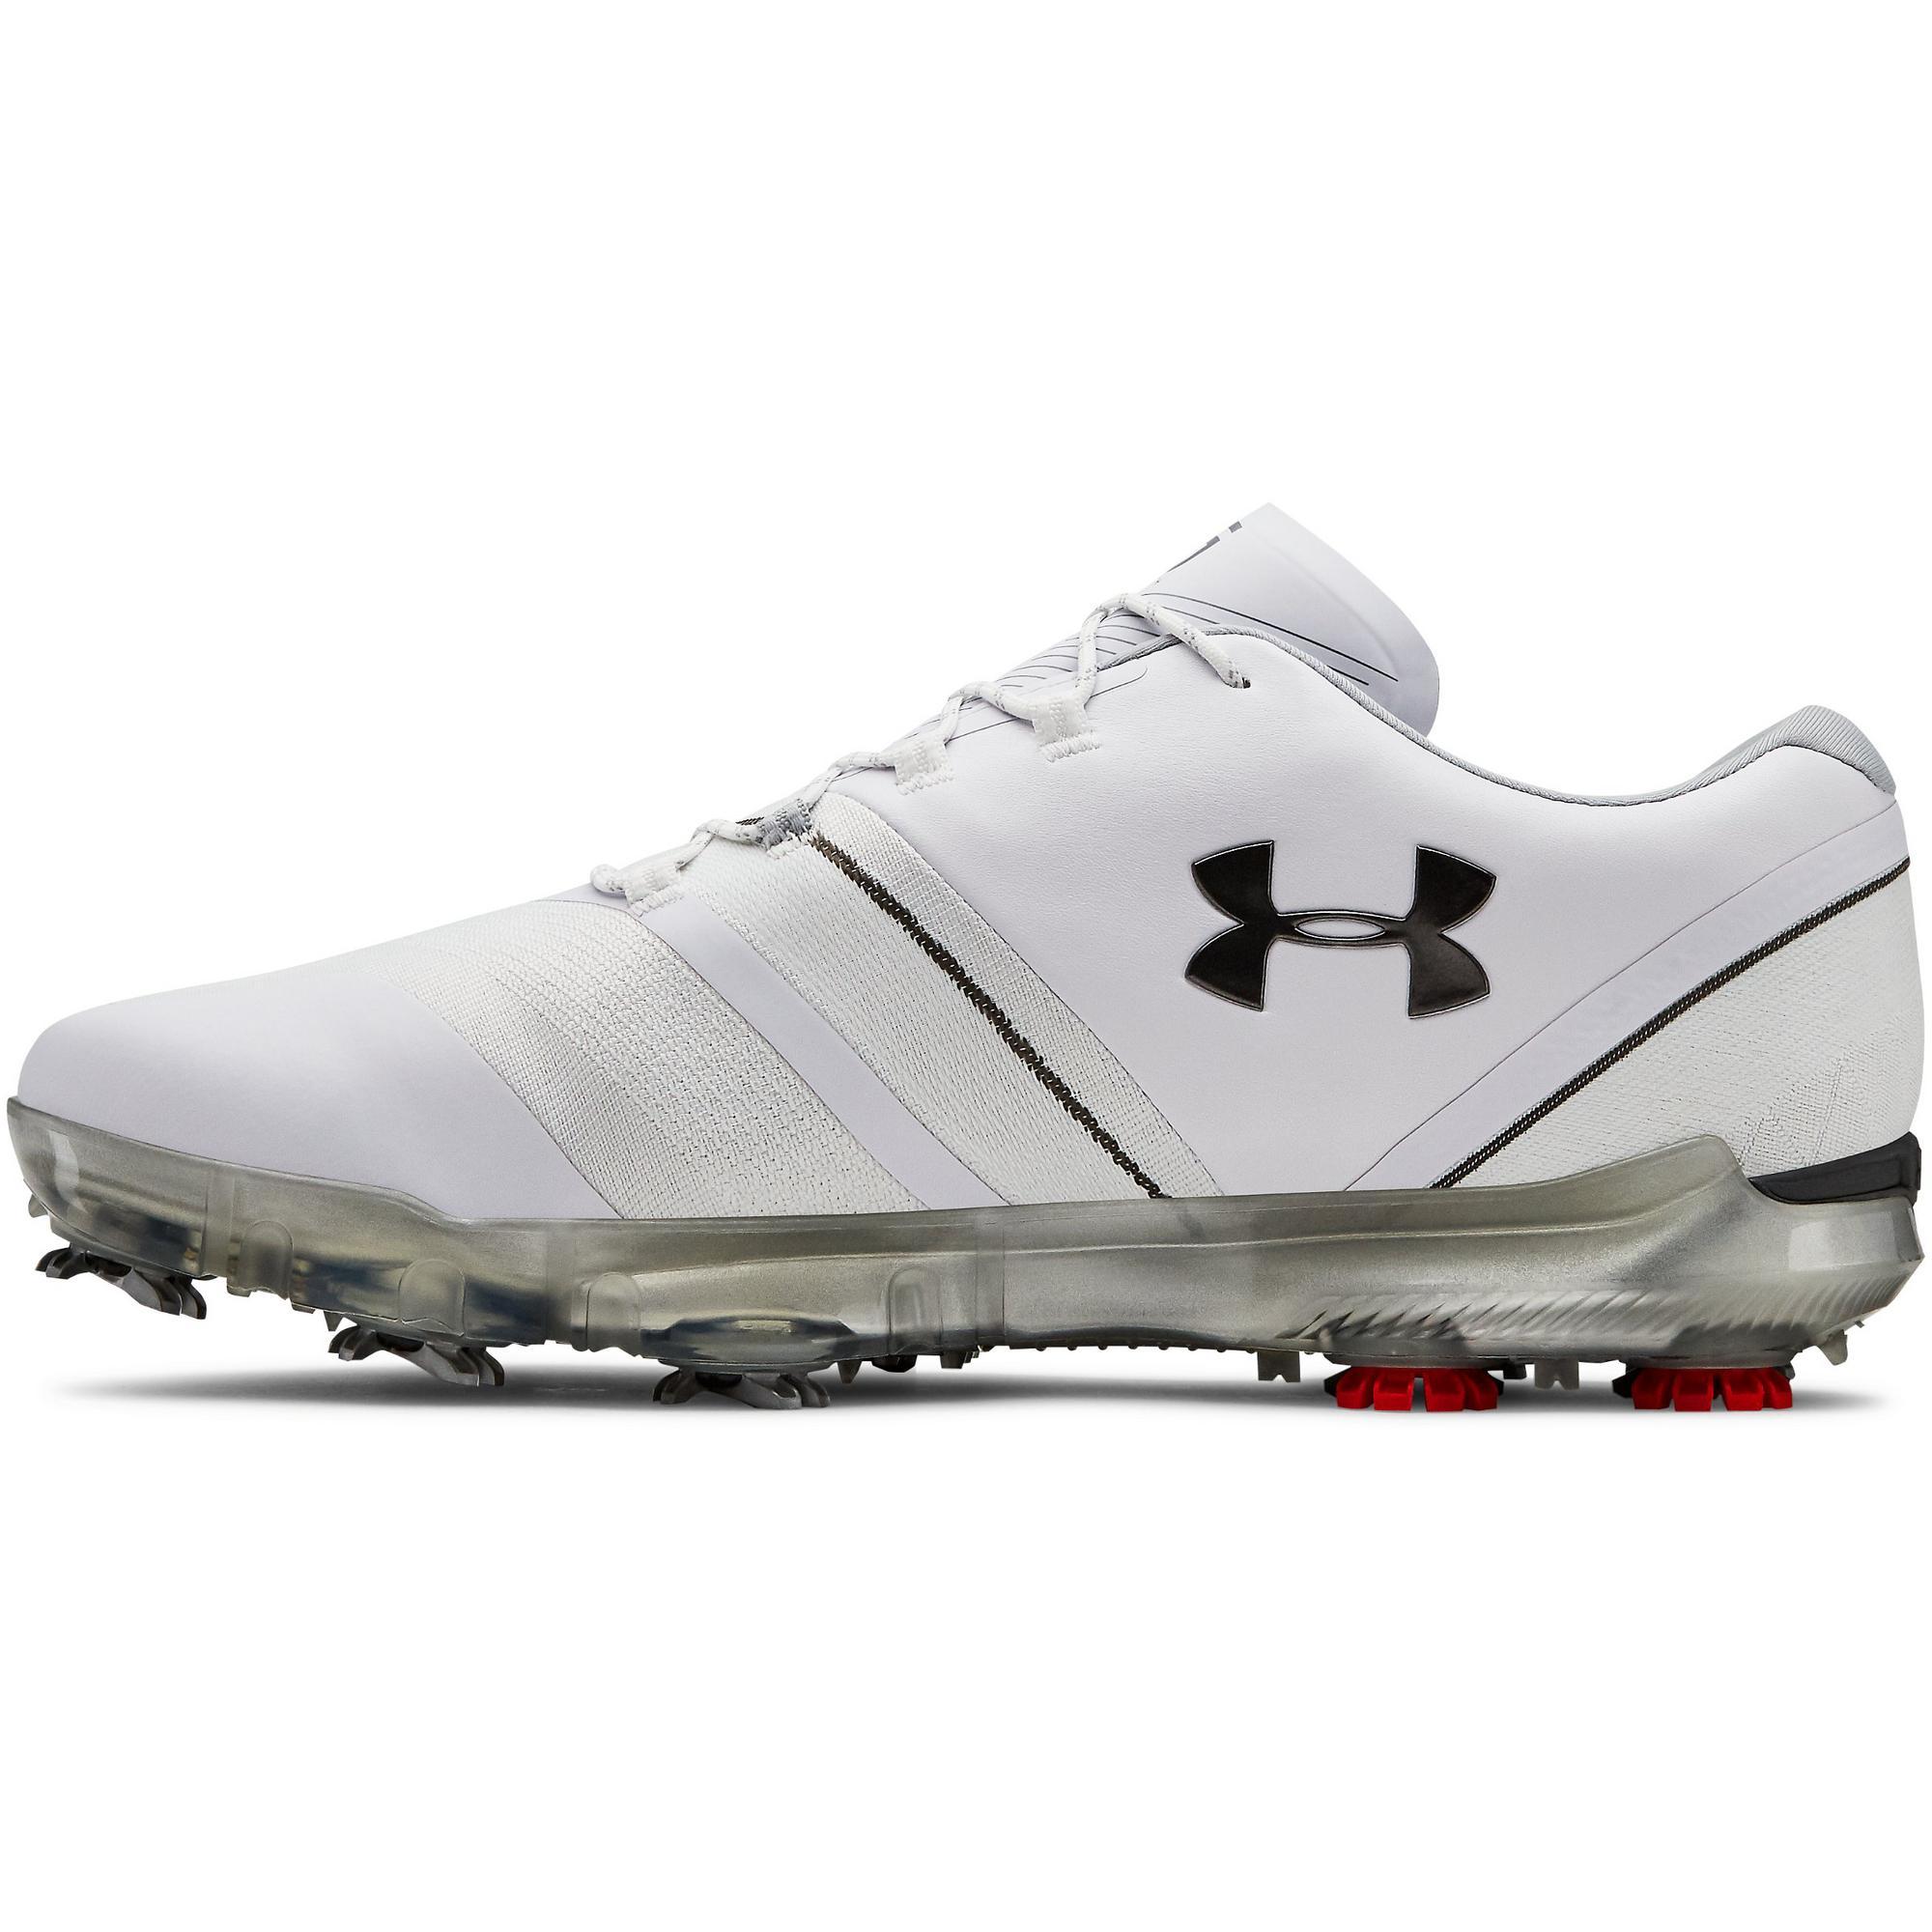 Men's Spieth 3 Spiked Golf Shoe - WHITE